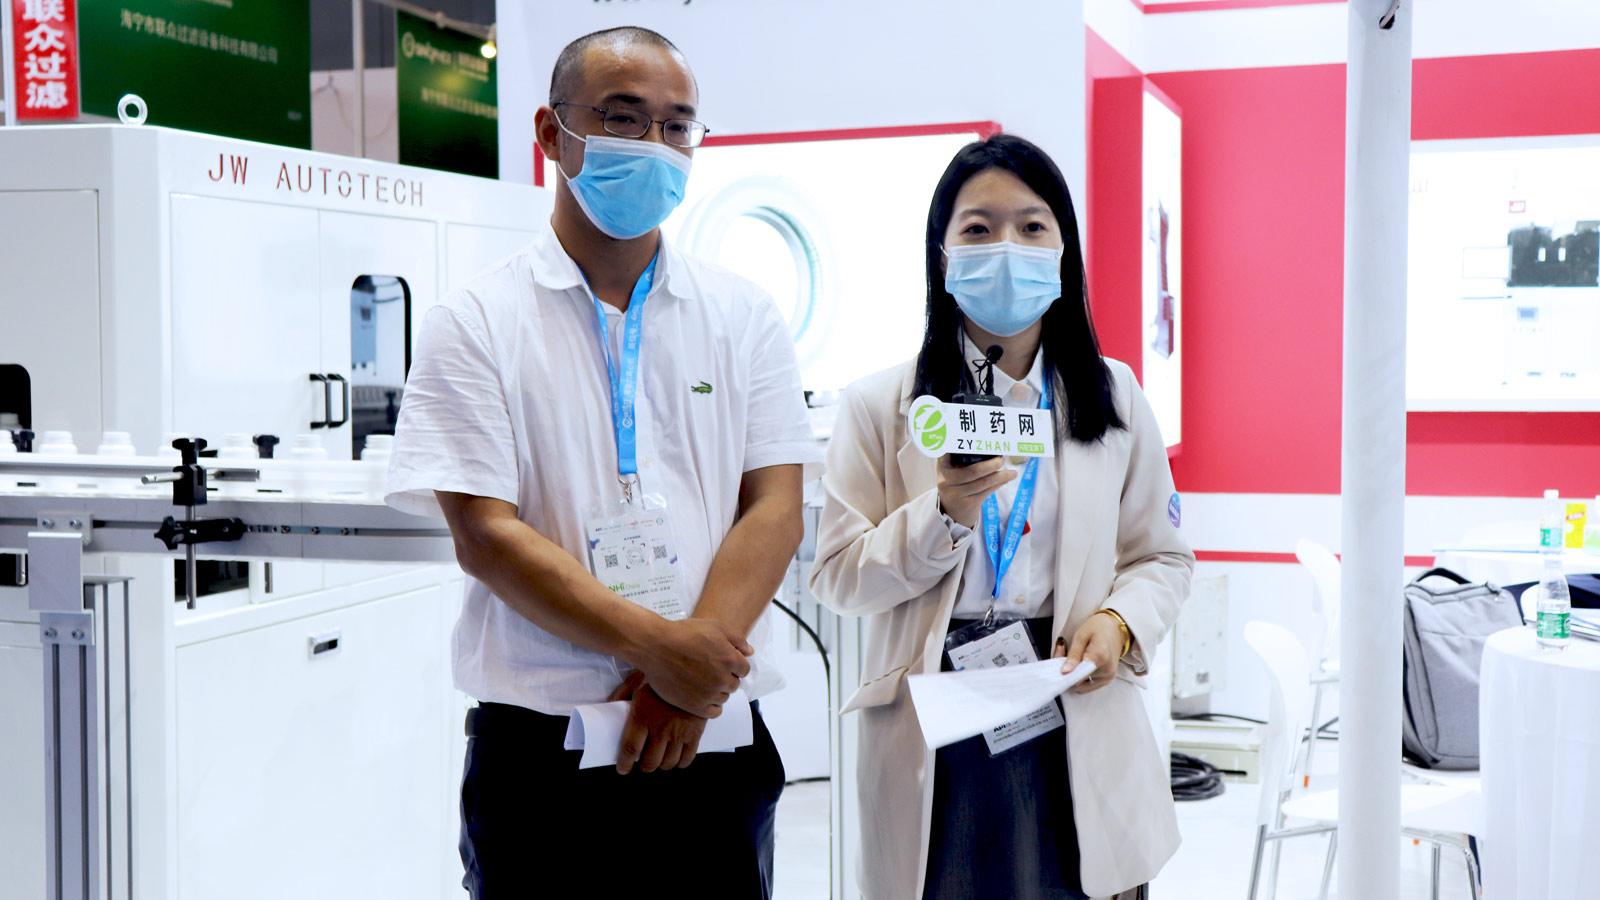 专访上海洁玮自动化总经理周玮铭